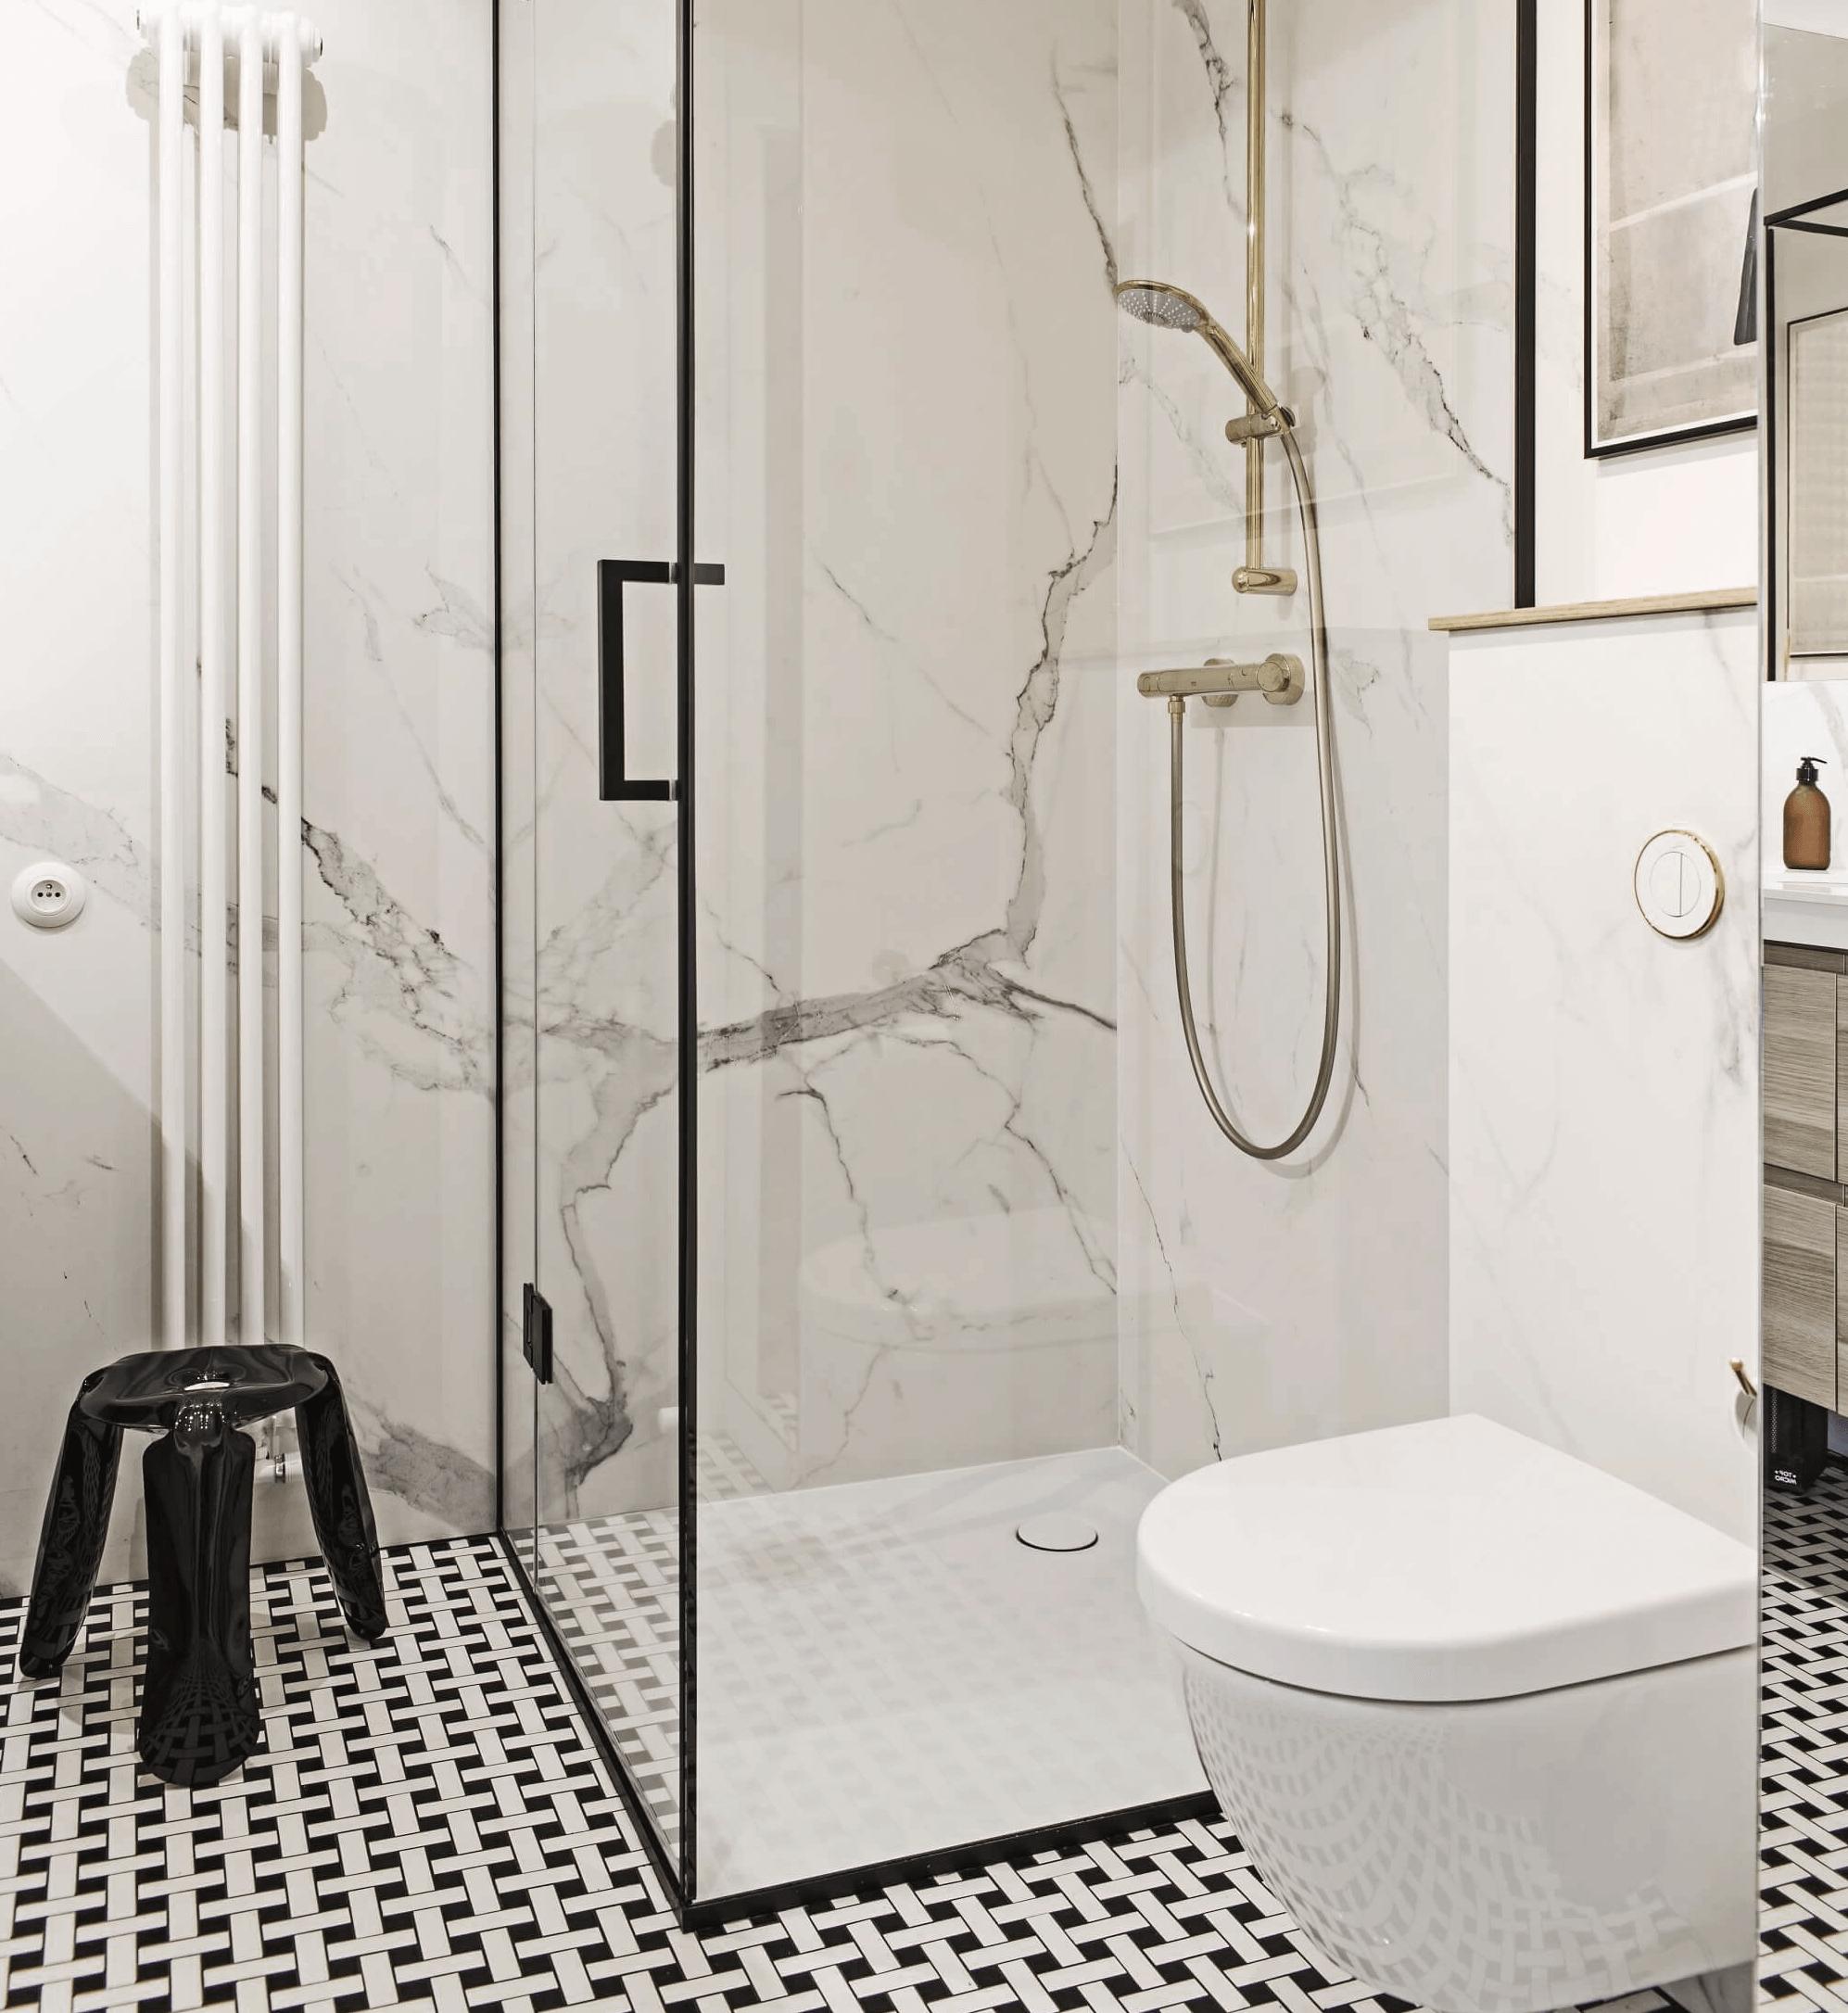 luxuriose_Dusche_aus_Glas_im_kleinen_Badezimmer